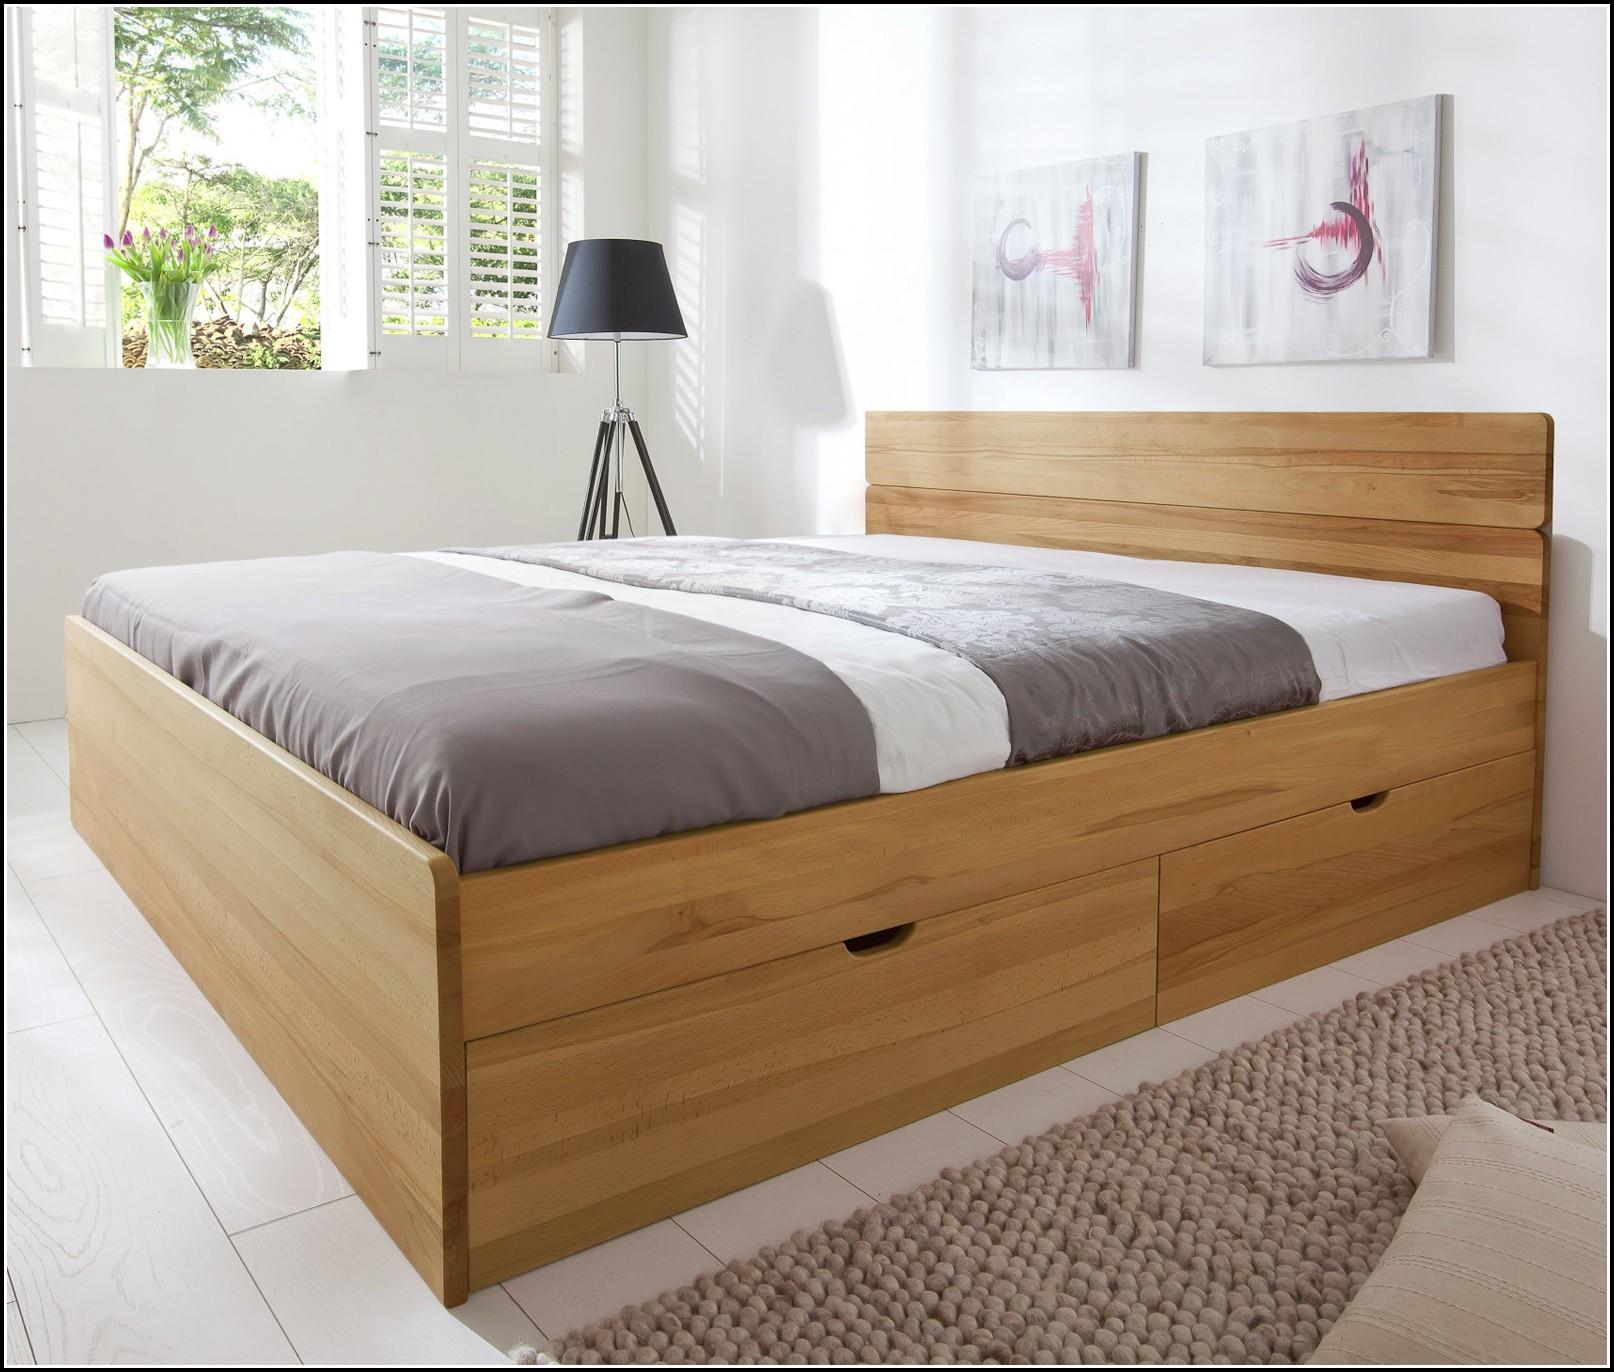 Betten Mit Schubladen Ikea